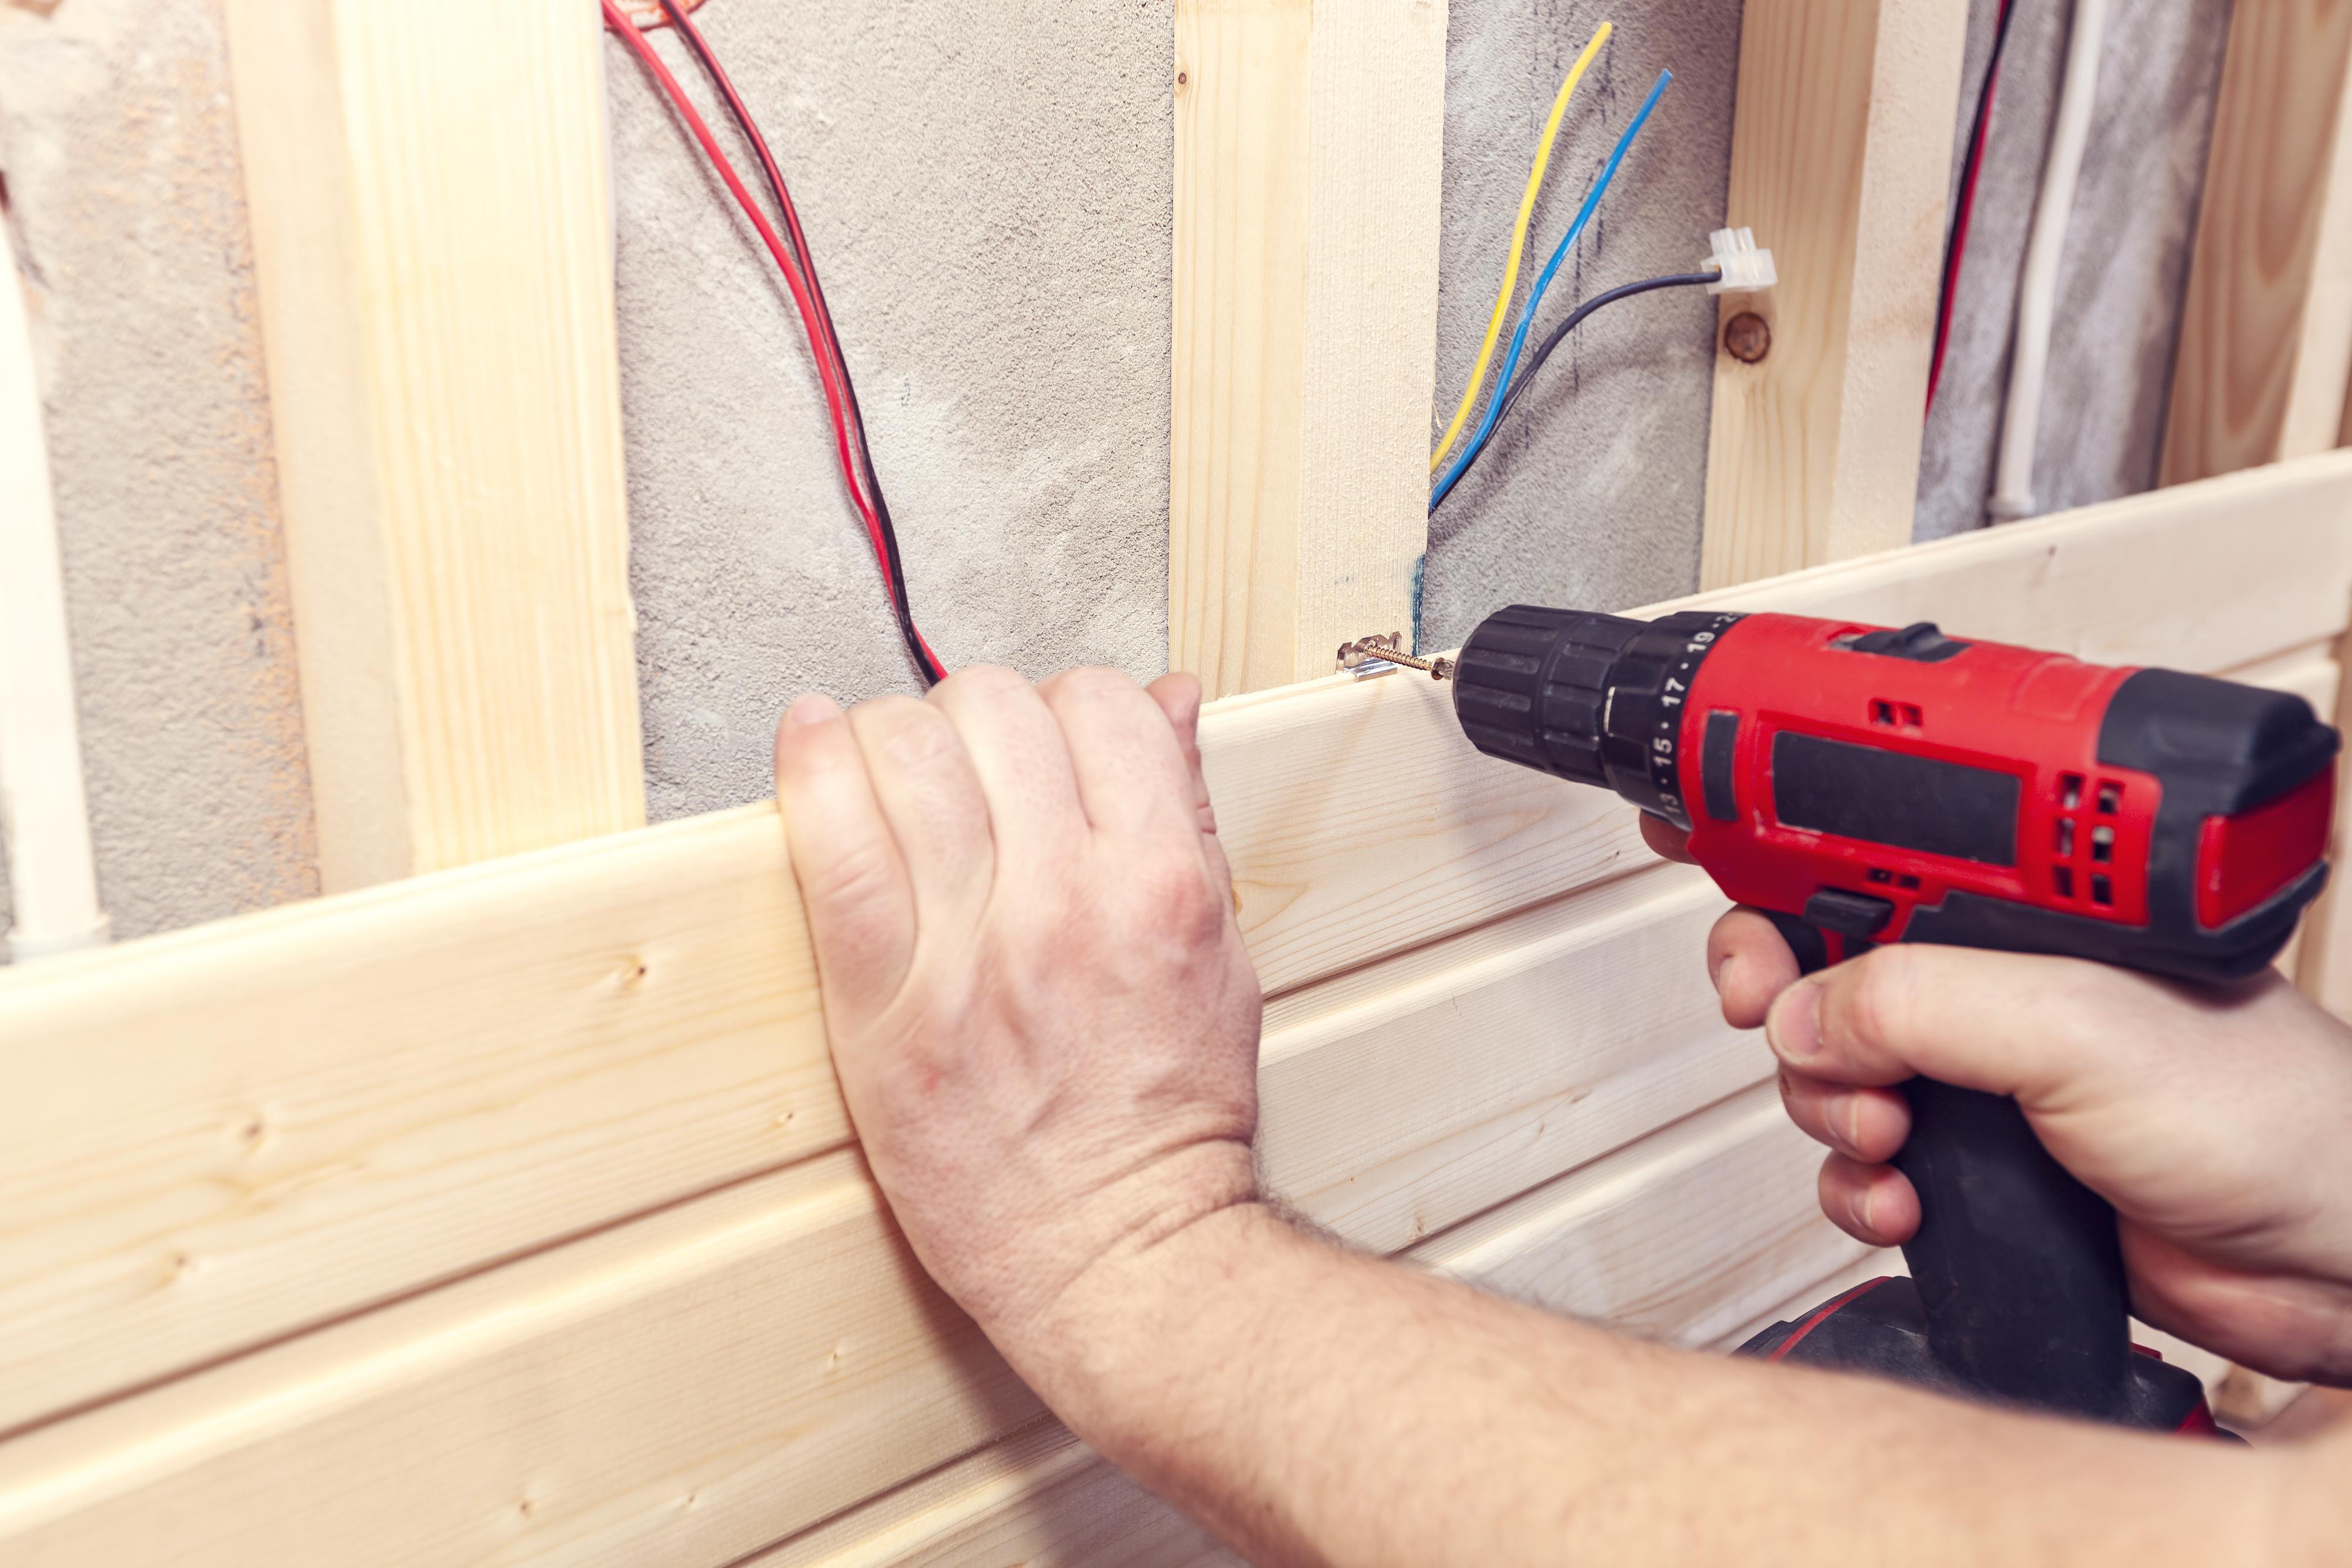 Der Selbsteinbau einer Sauna spart Kosten, erfordert aber handwerkliches Geschick.